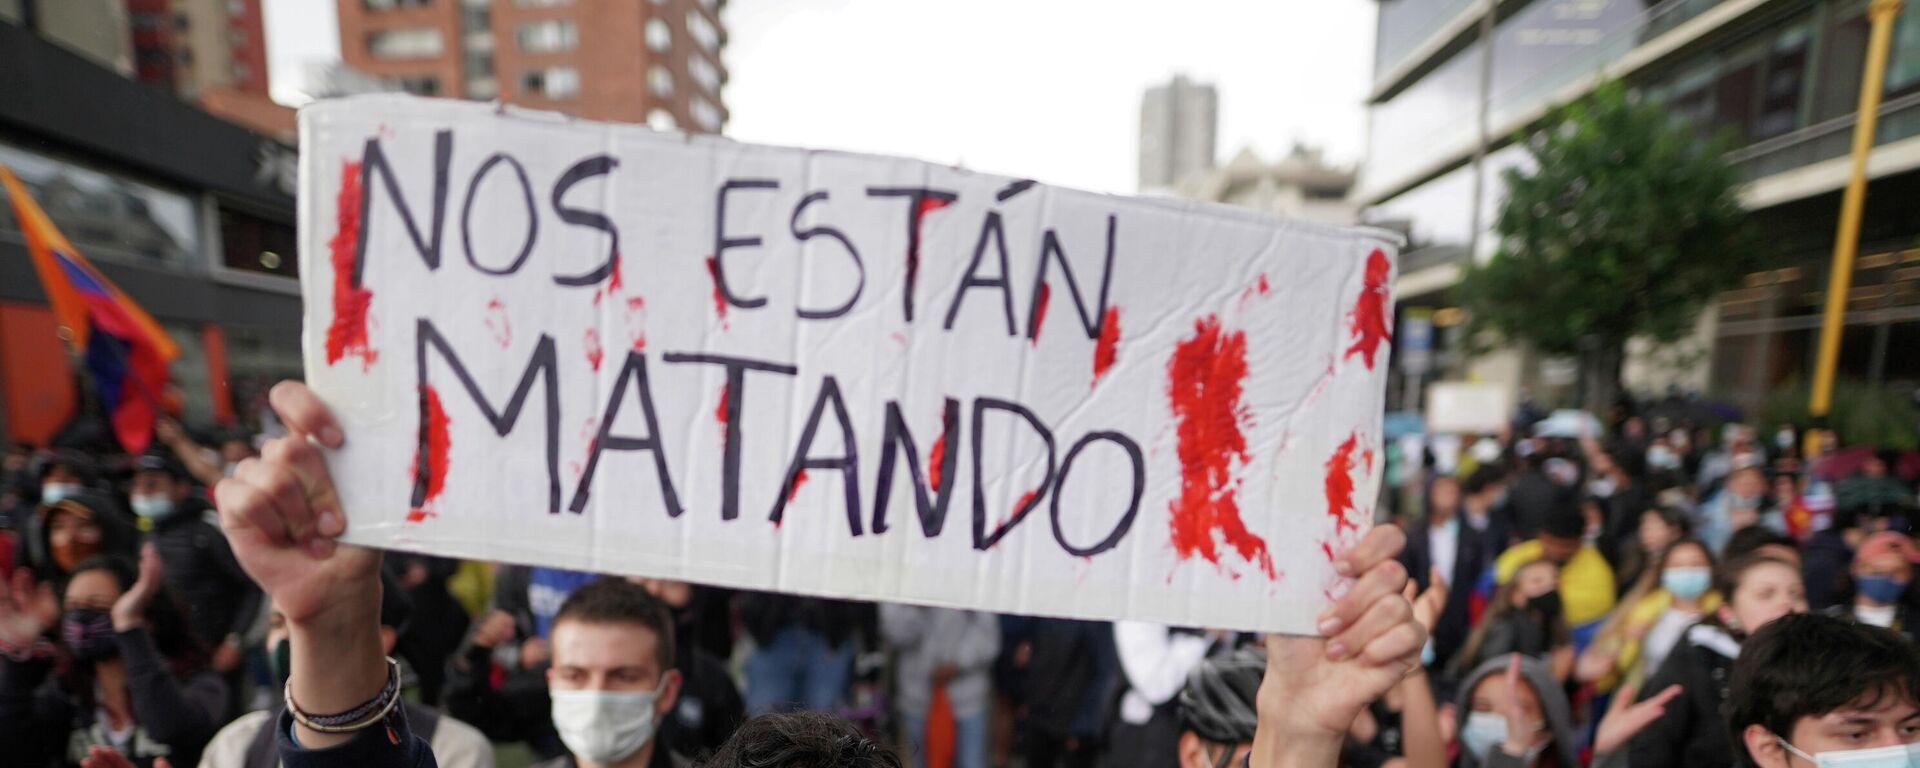 Un manifestante colombiano con un cartel que dice nos están matando. - Sputnik Mundo, 1920, 06.05.2021